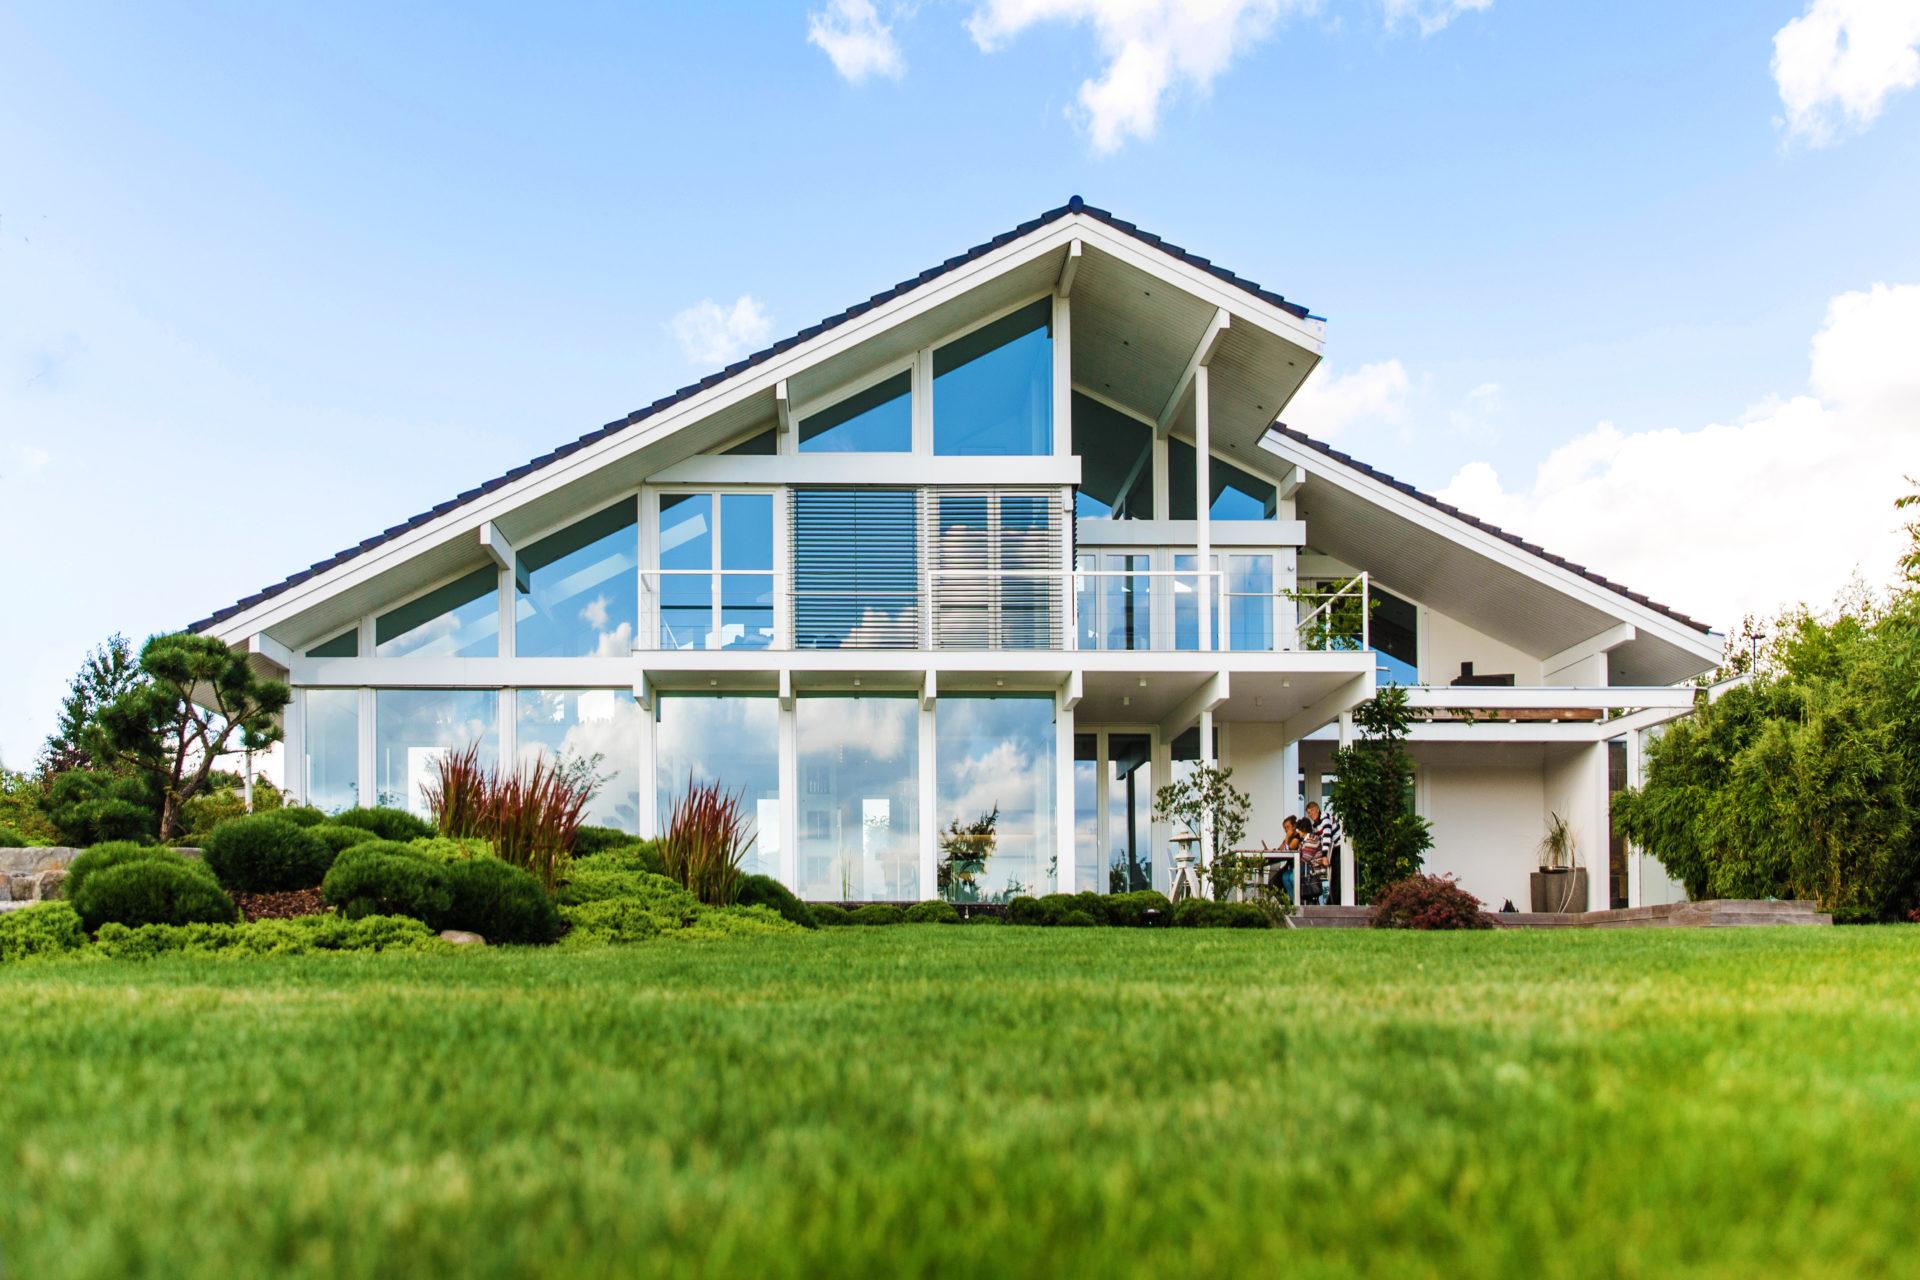 Concentus Haus Preise modernes fachwerkhaus am see – großzügige architektur im